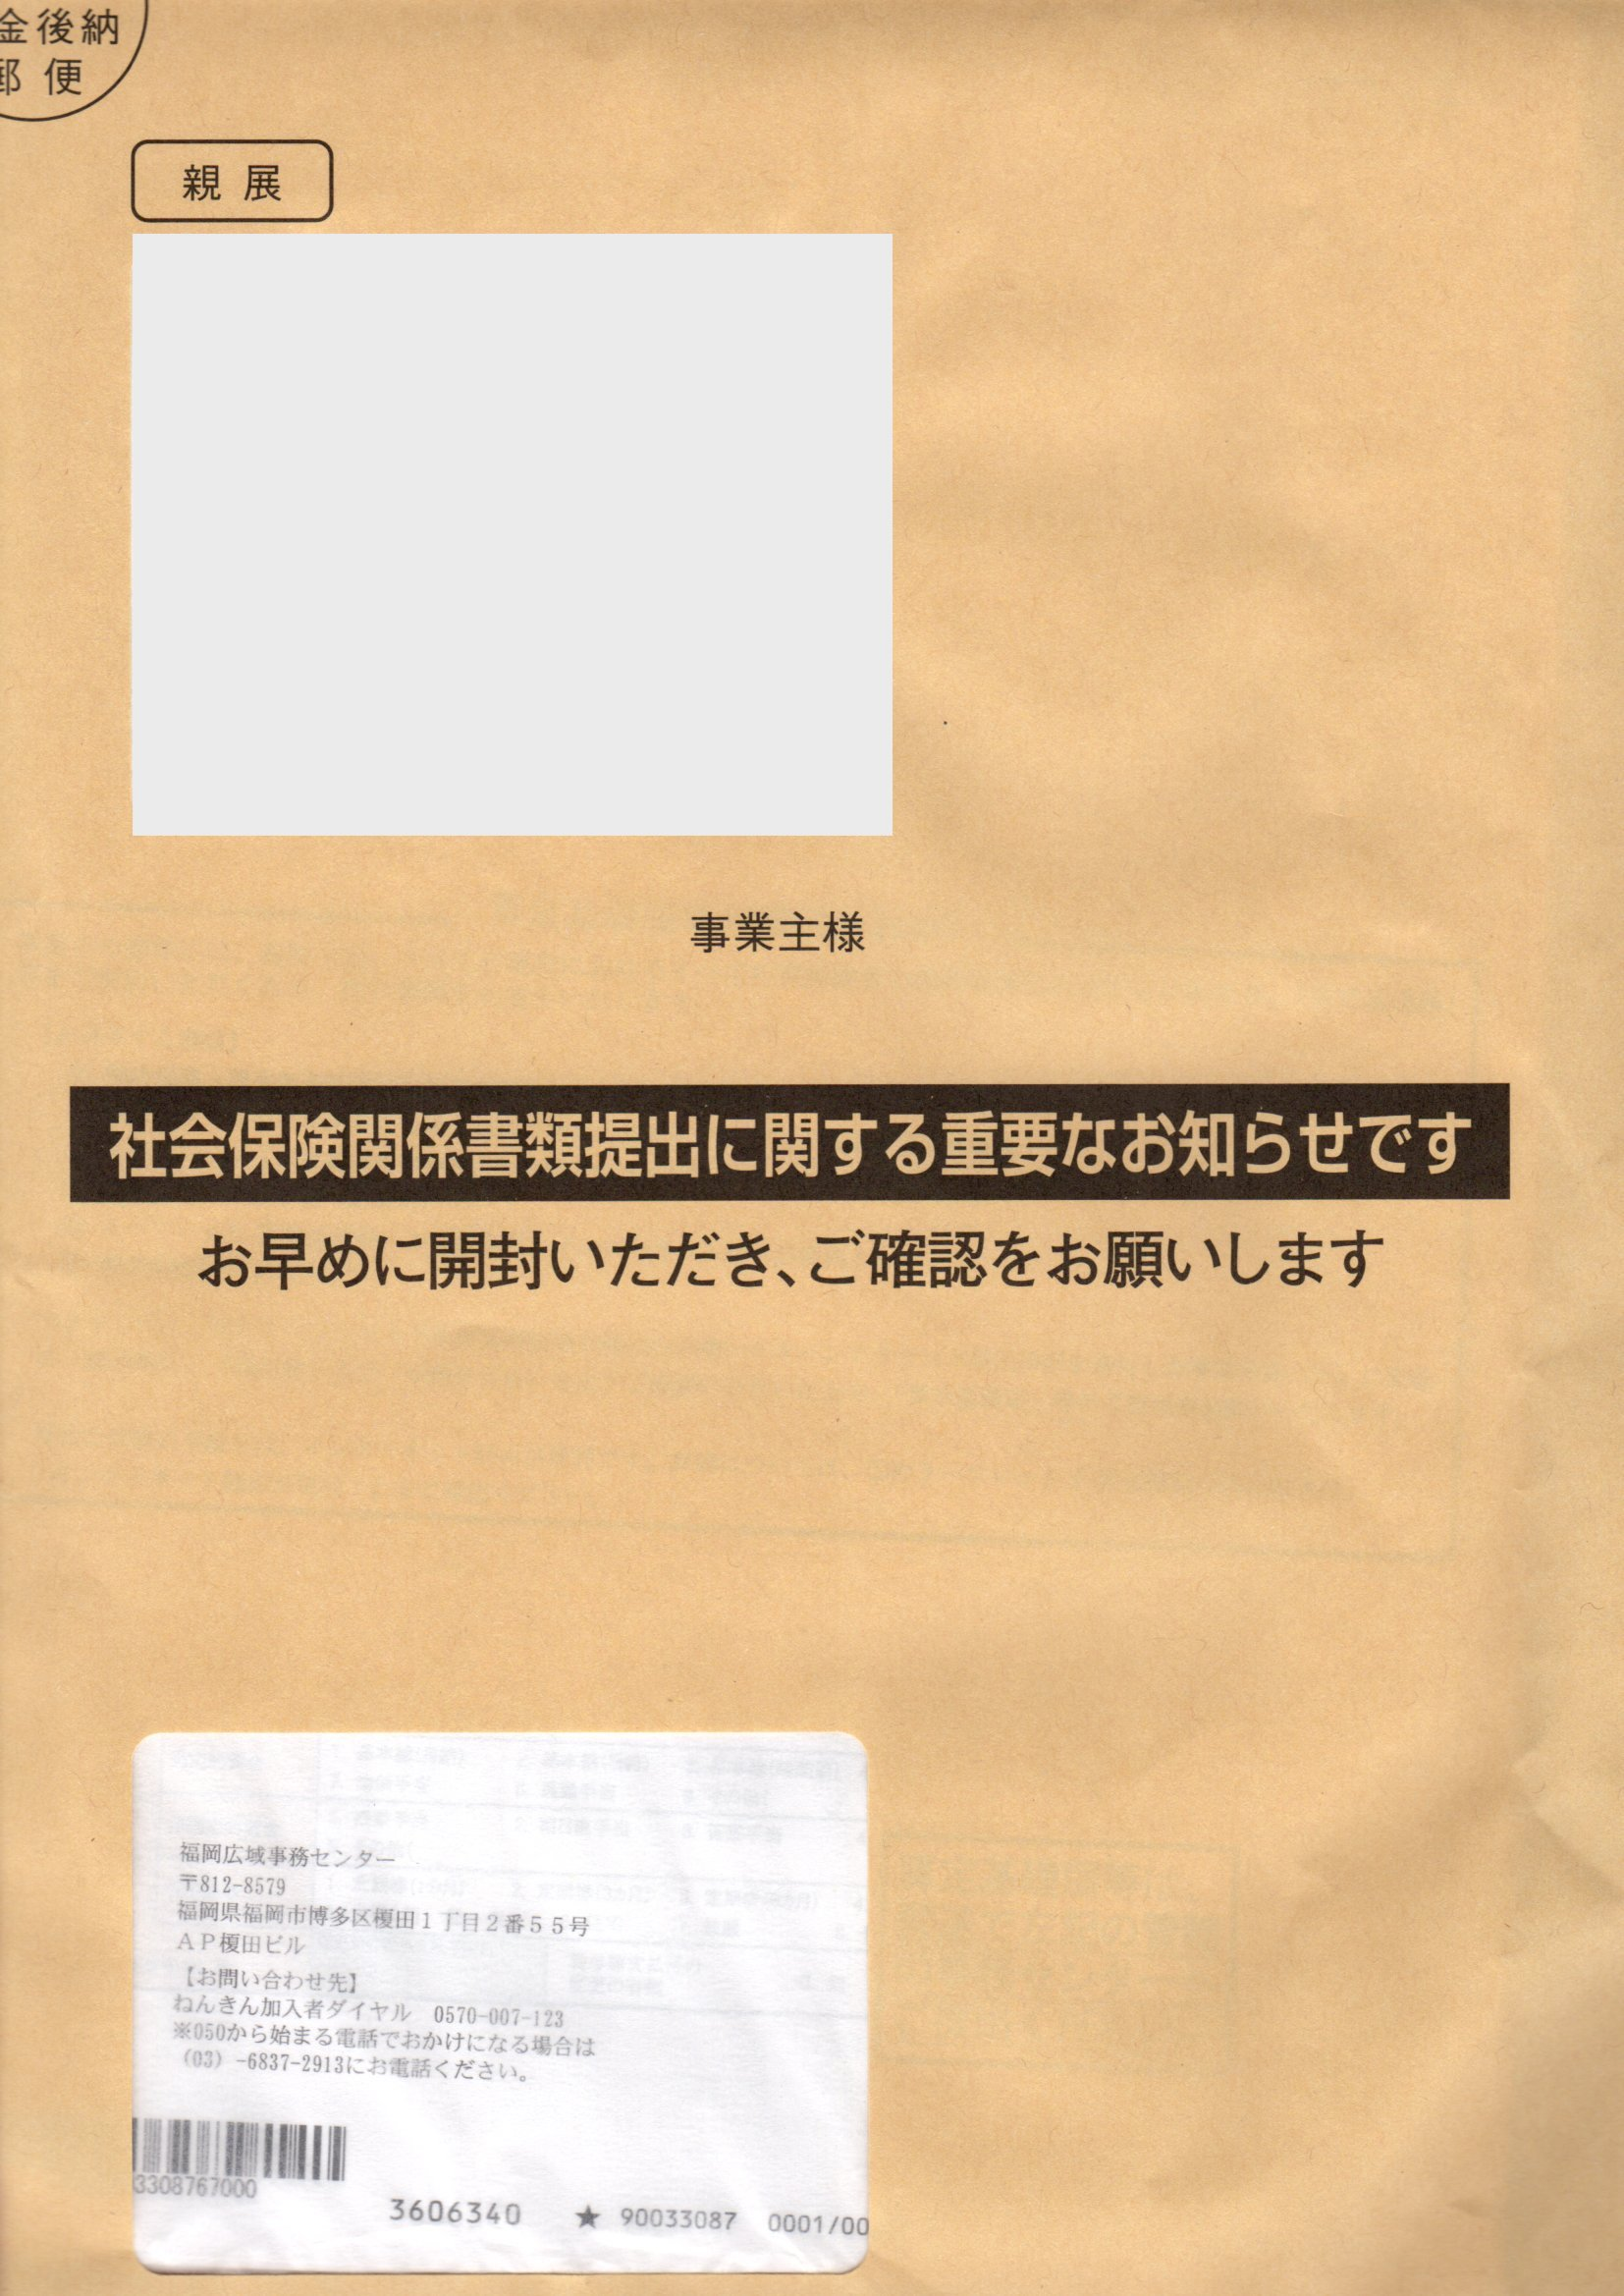 東京 事務 広域 機構 センター 日本 年金